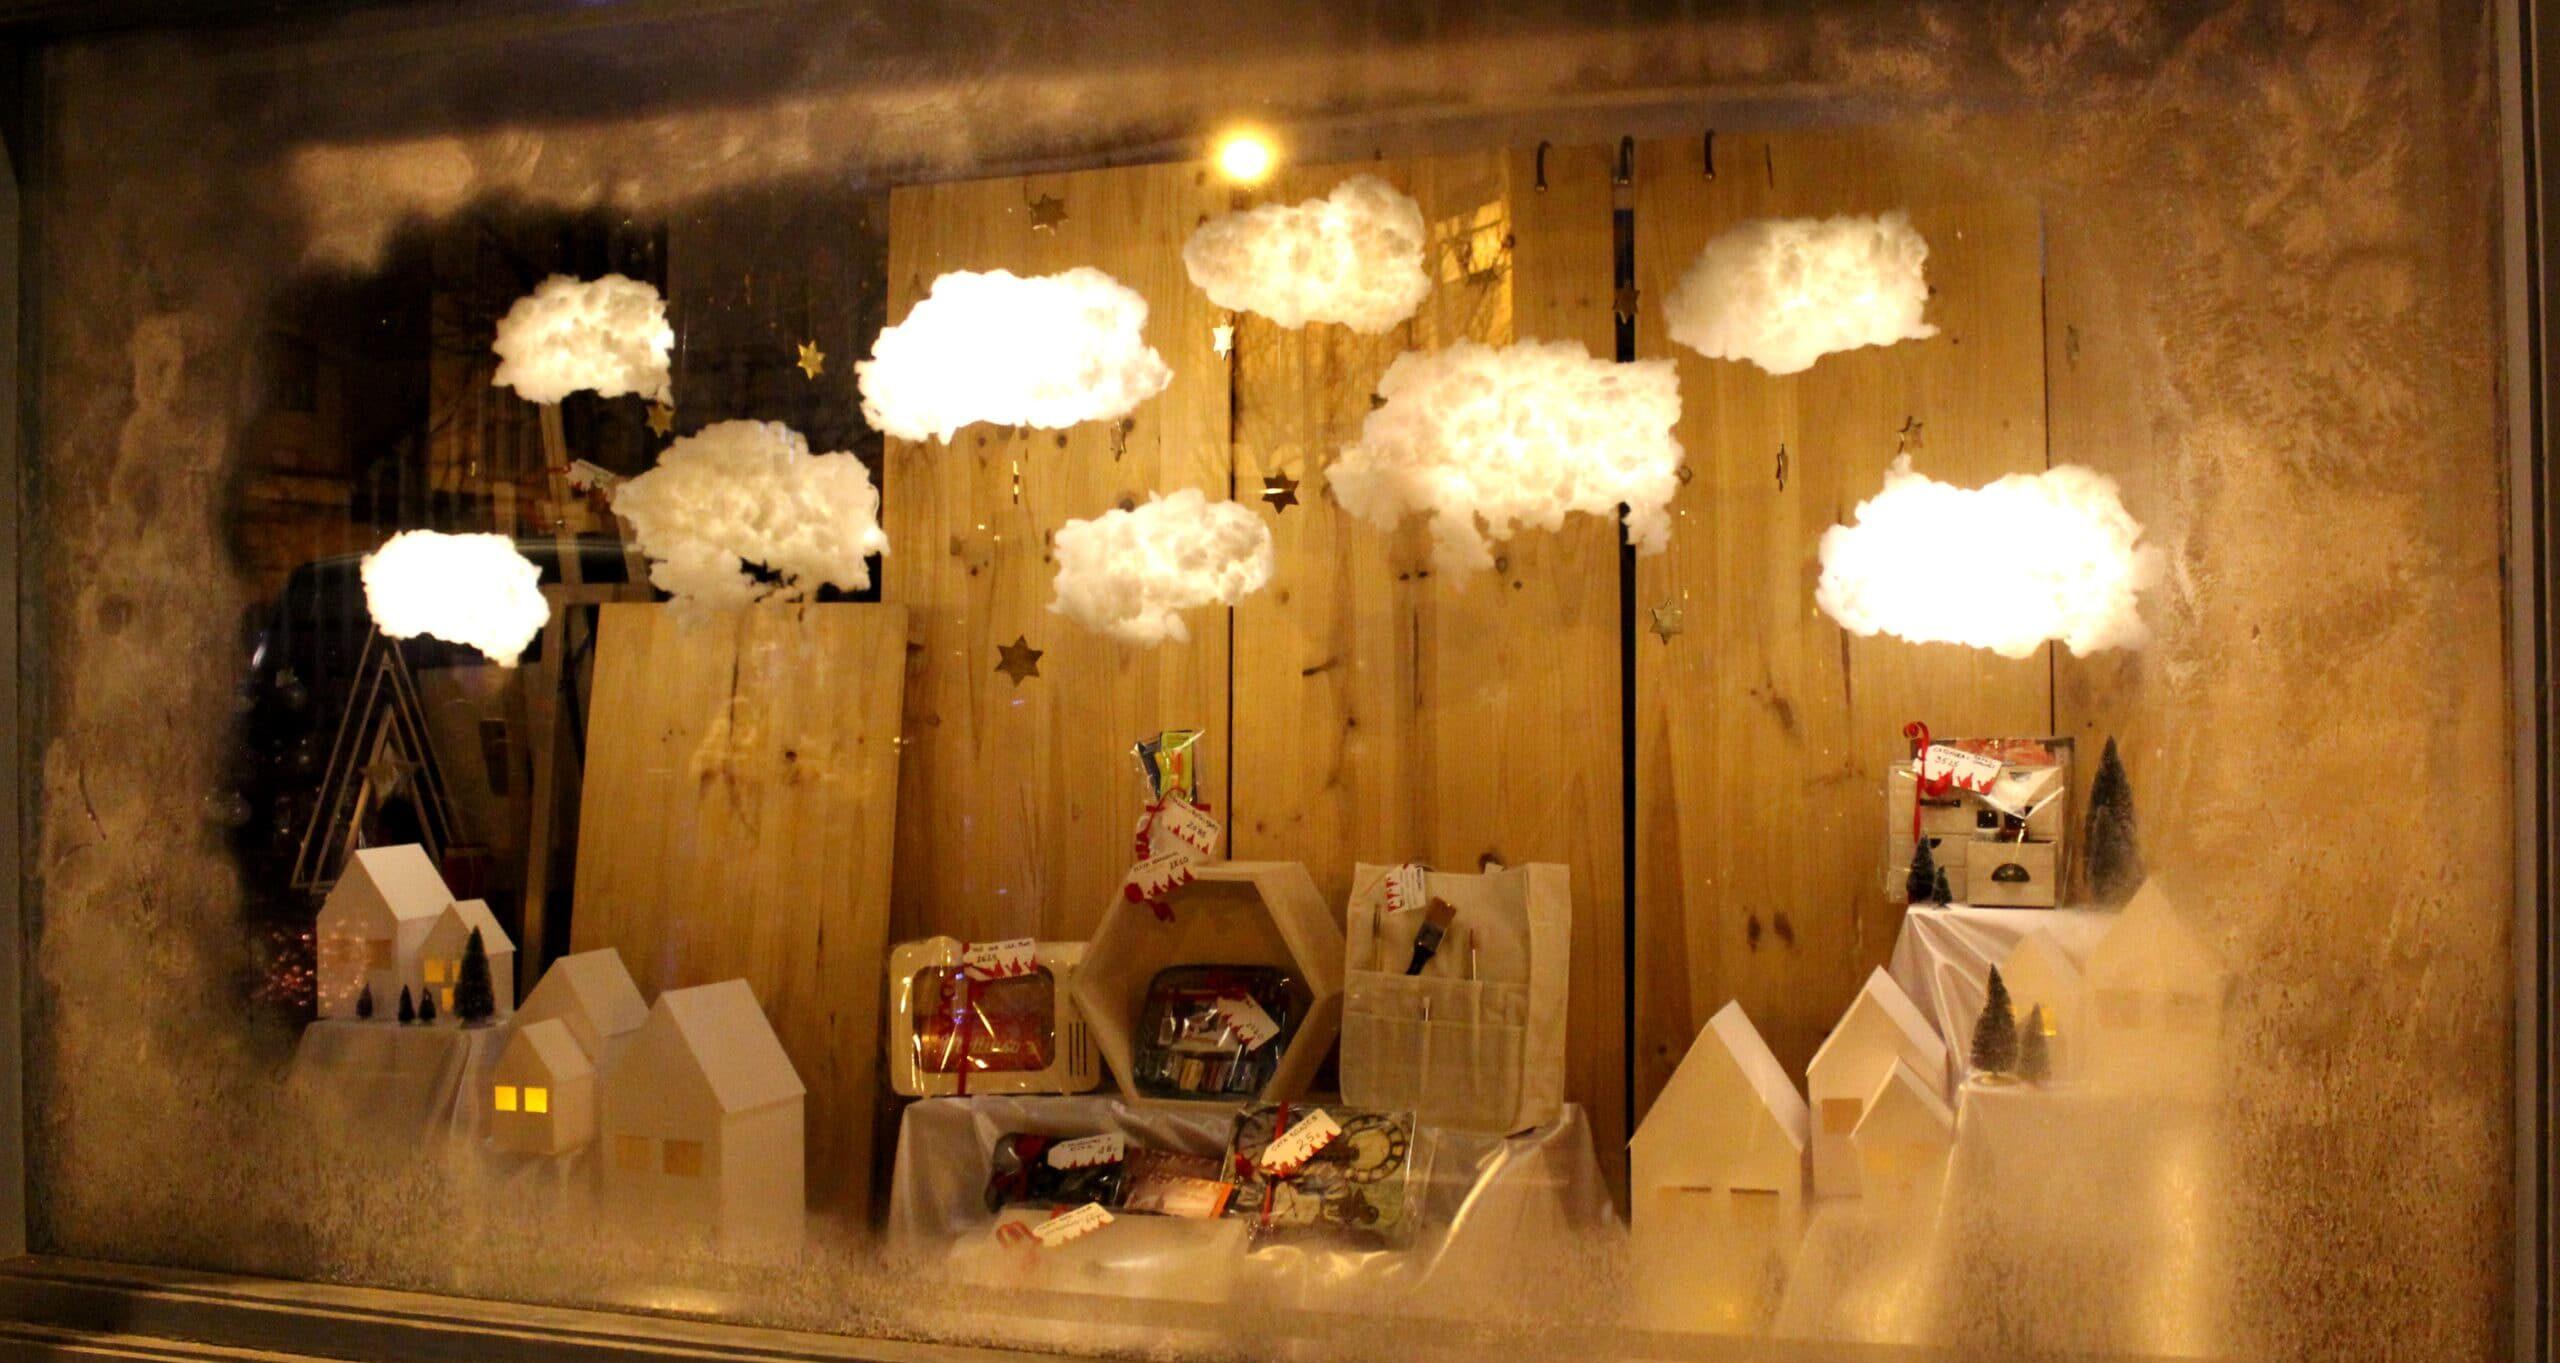 escaparates diseñados por alumnado de creanavarra decoran los comercios del ensanche de pamplona